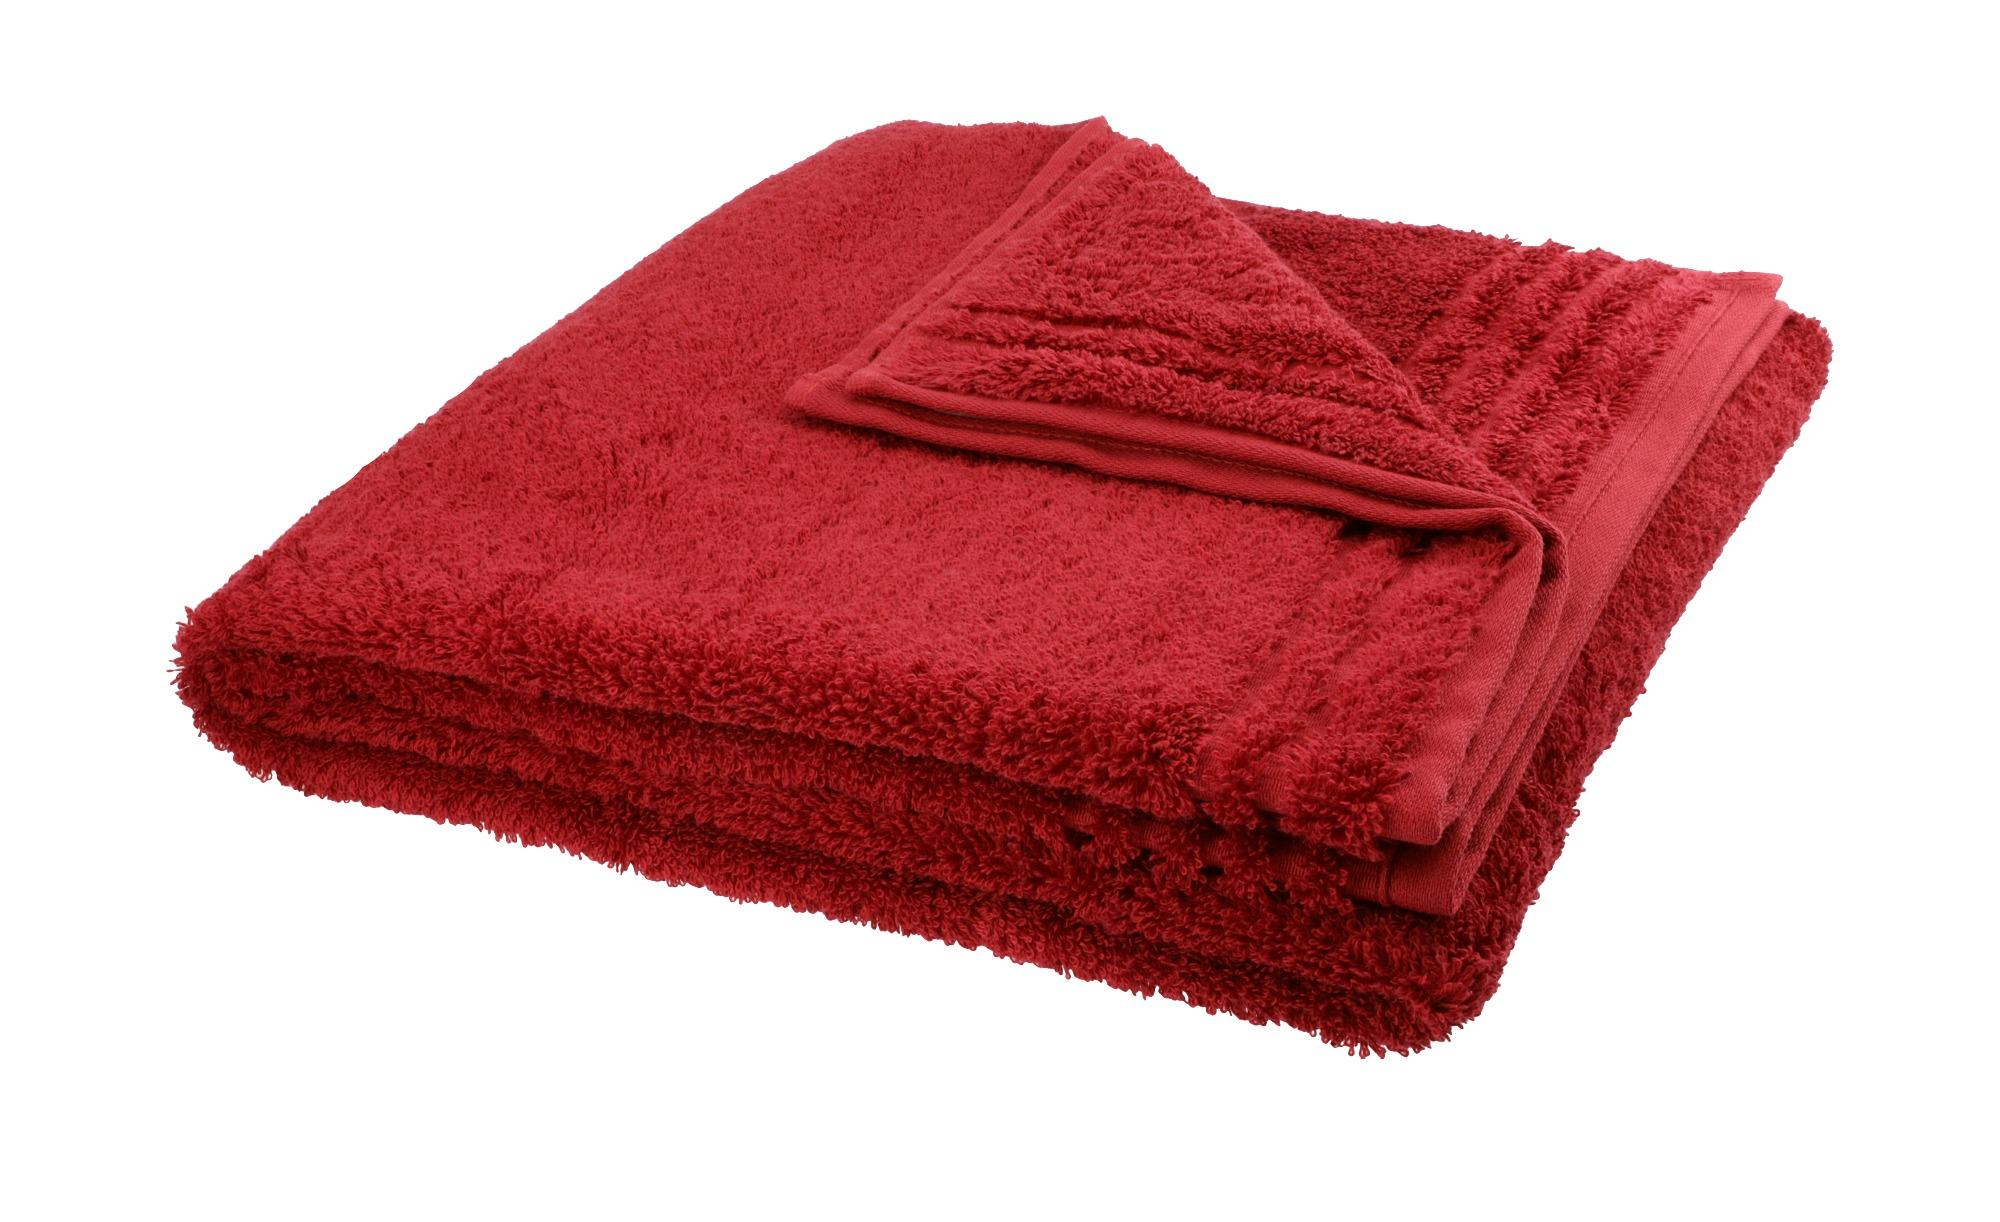 VOSSEN Duschtuch  Vienna Supersoft ¦ rot ¦ 100% Baumwolle ¦ Maße (cm): B: 67 Badtextilien und Zubehör > Handtücher & Badetücher > Duschtücher - Höffner